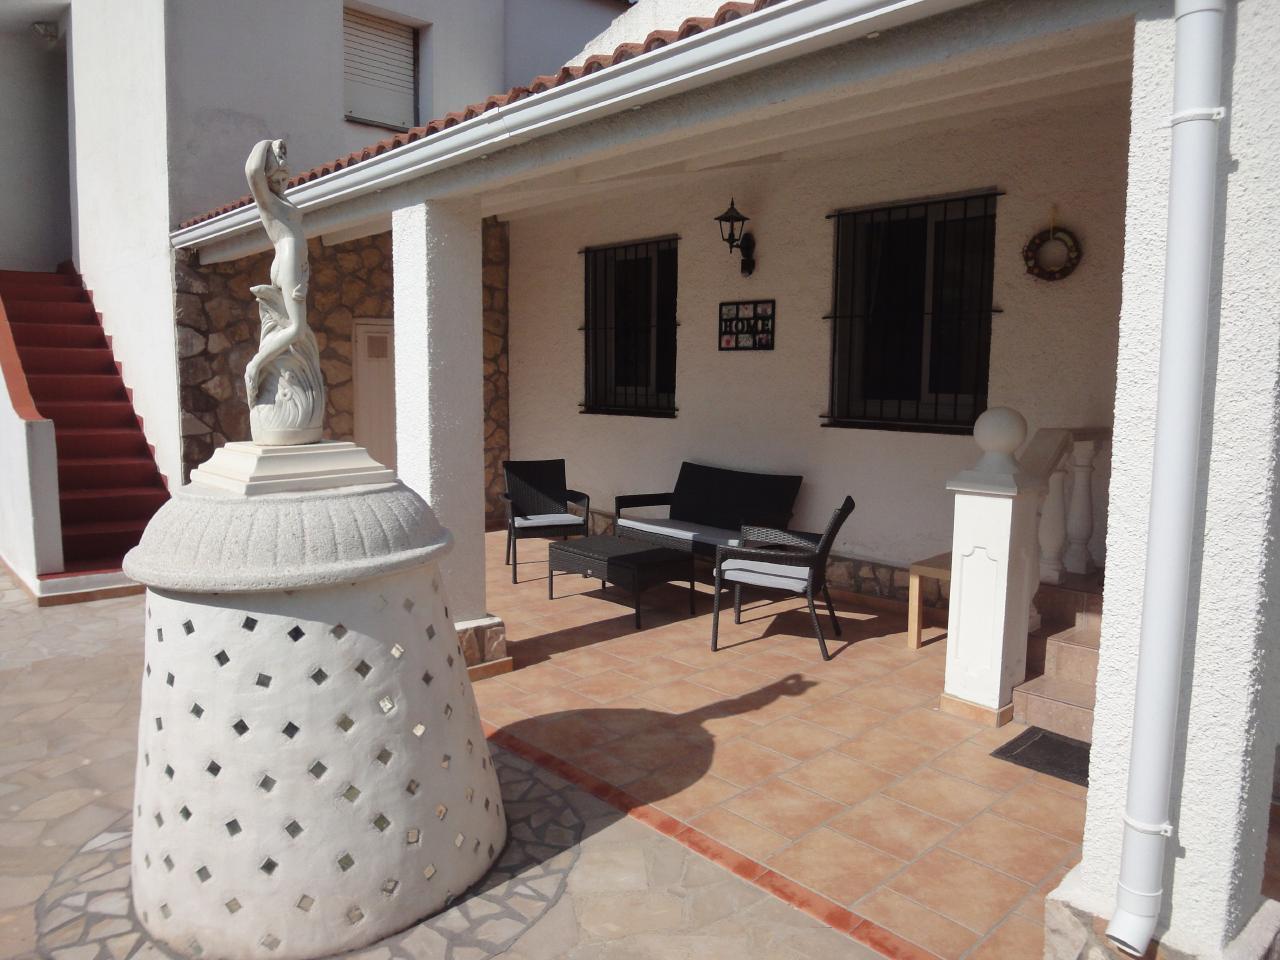 Ferienhaus mit WiFi Privat-Pool ohne Einsicht gute Preise (1901111), L'Ametlla de Mar, Costa Dorada, Katalonien, Spanien, Bild 23